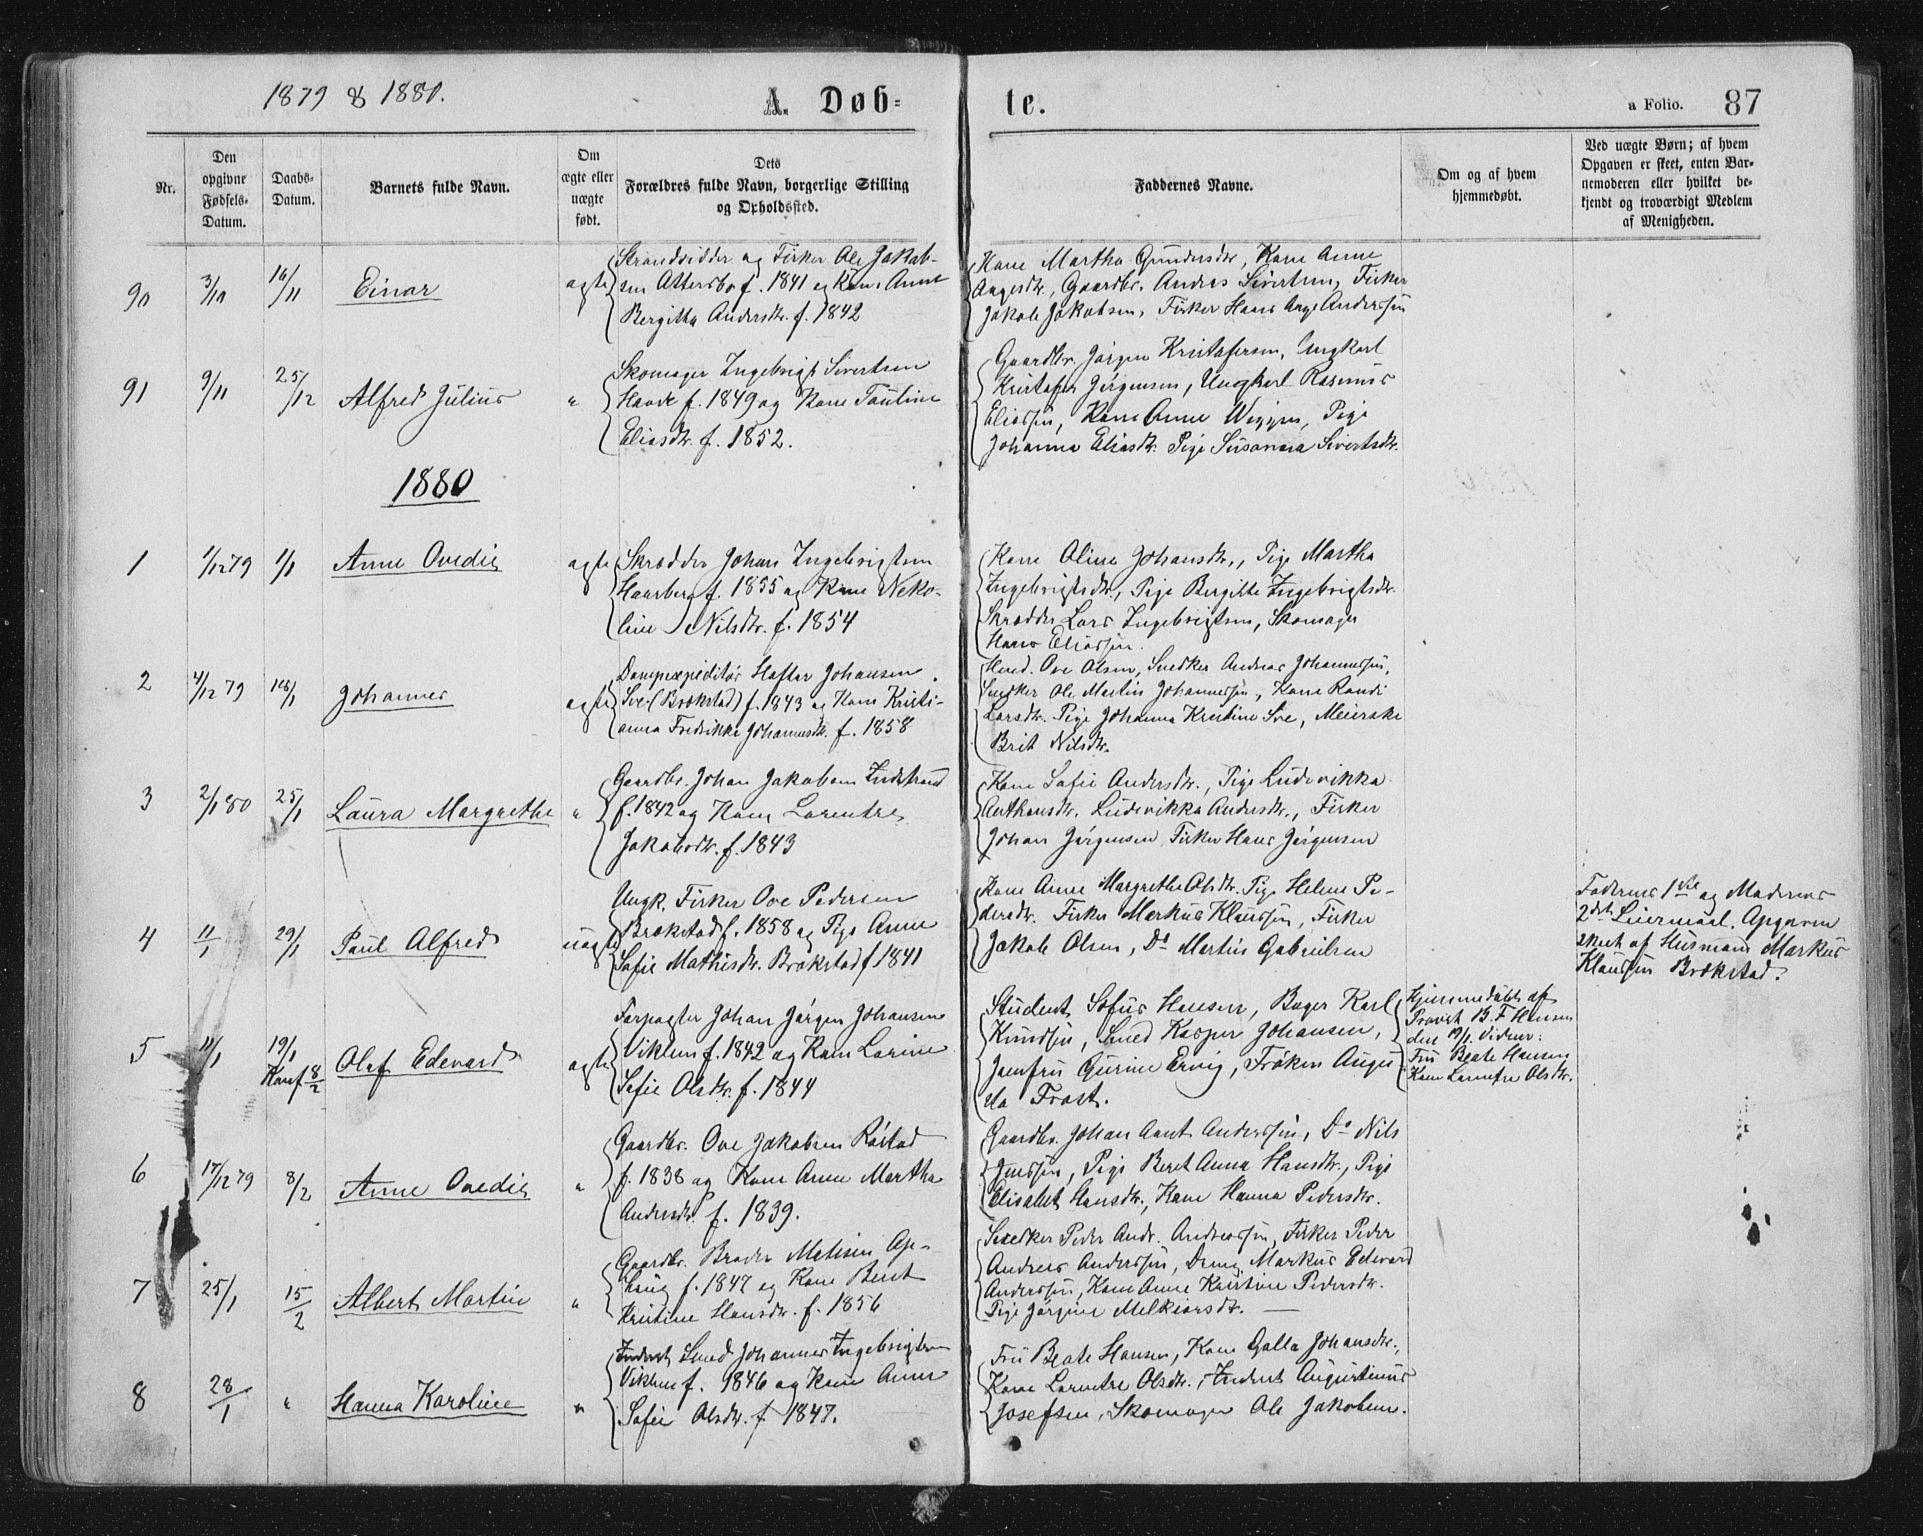 SAT, Ministerialprotokoller, klokkerbøker og fødselsregistre - Sør-Trøndelag, 659/L0745: Klokkerbok nr. 659C02, 1869-1892, s. 87